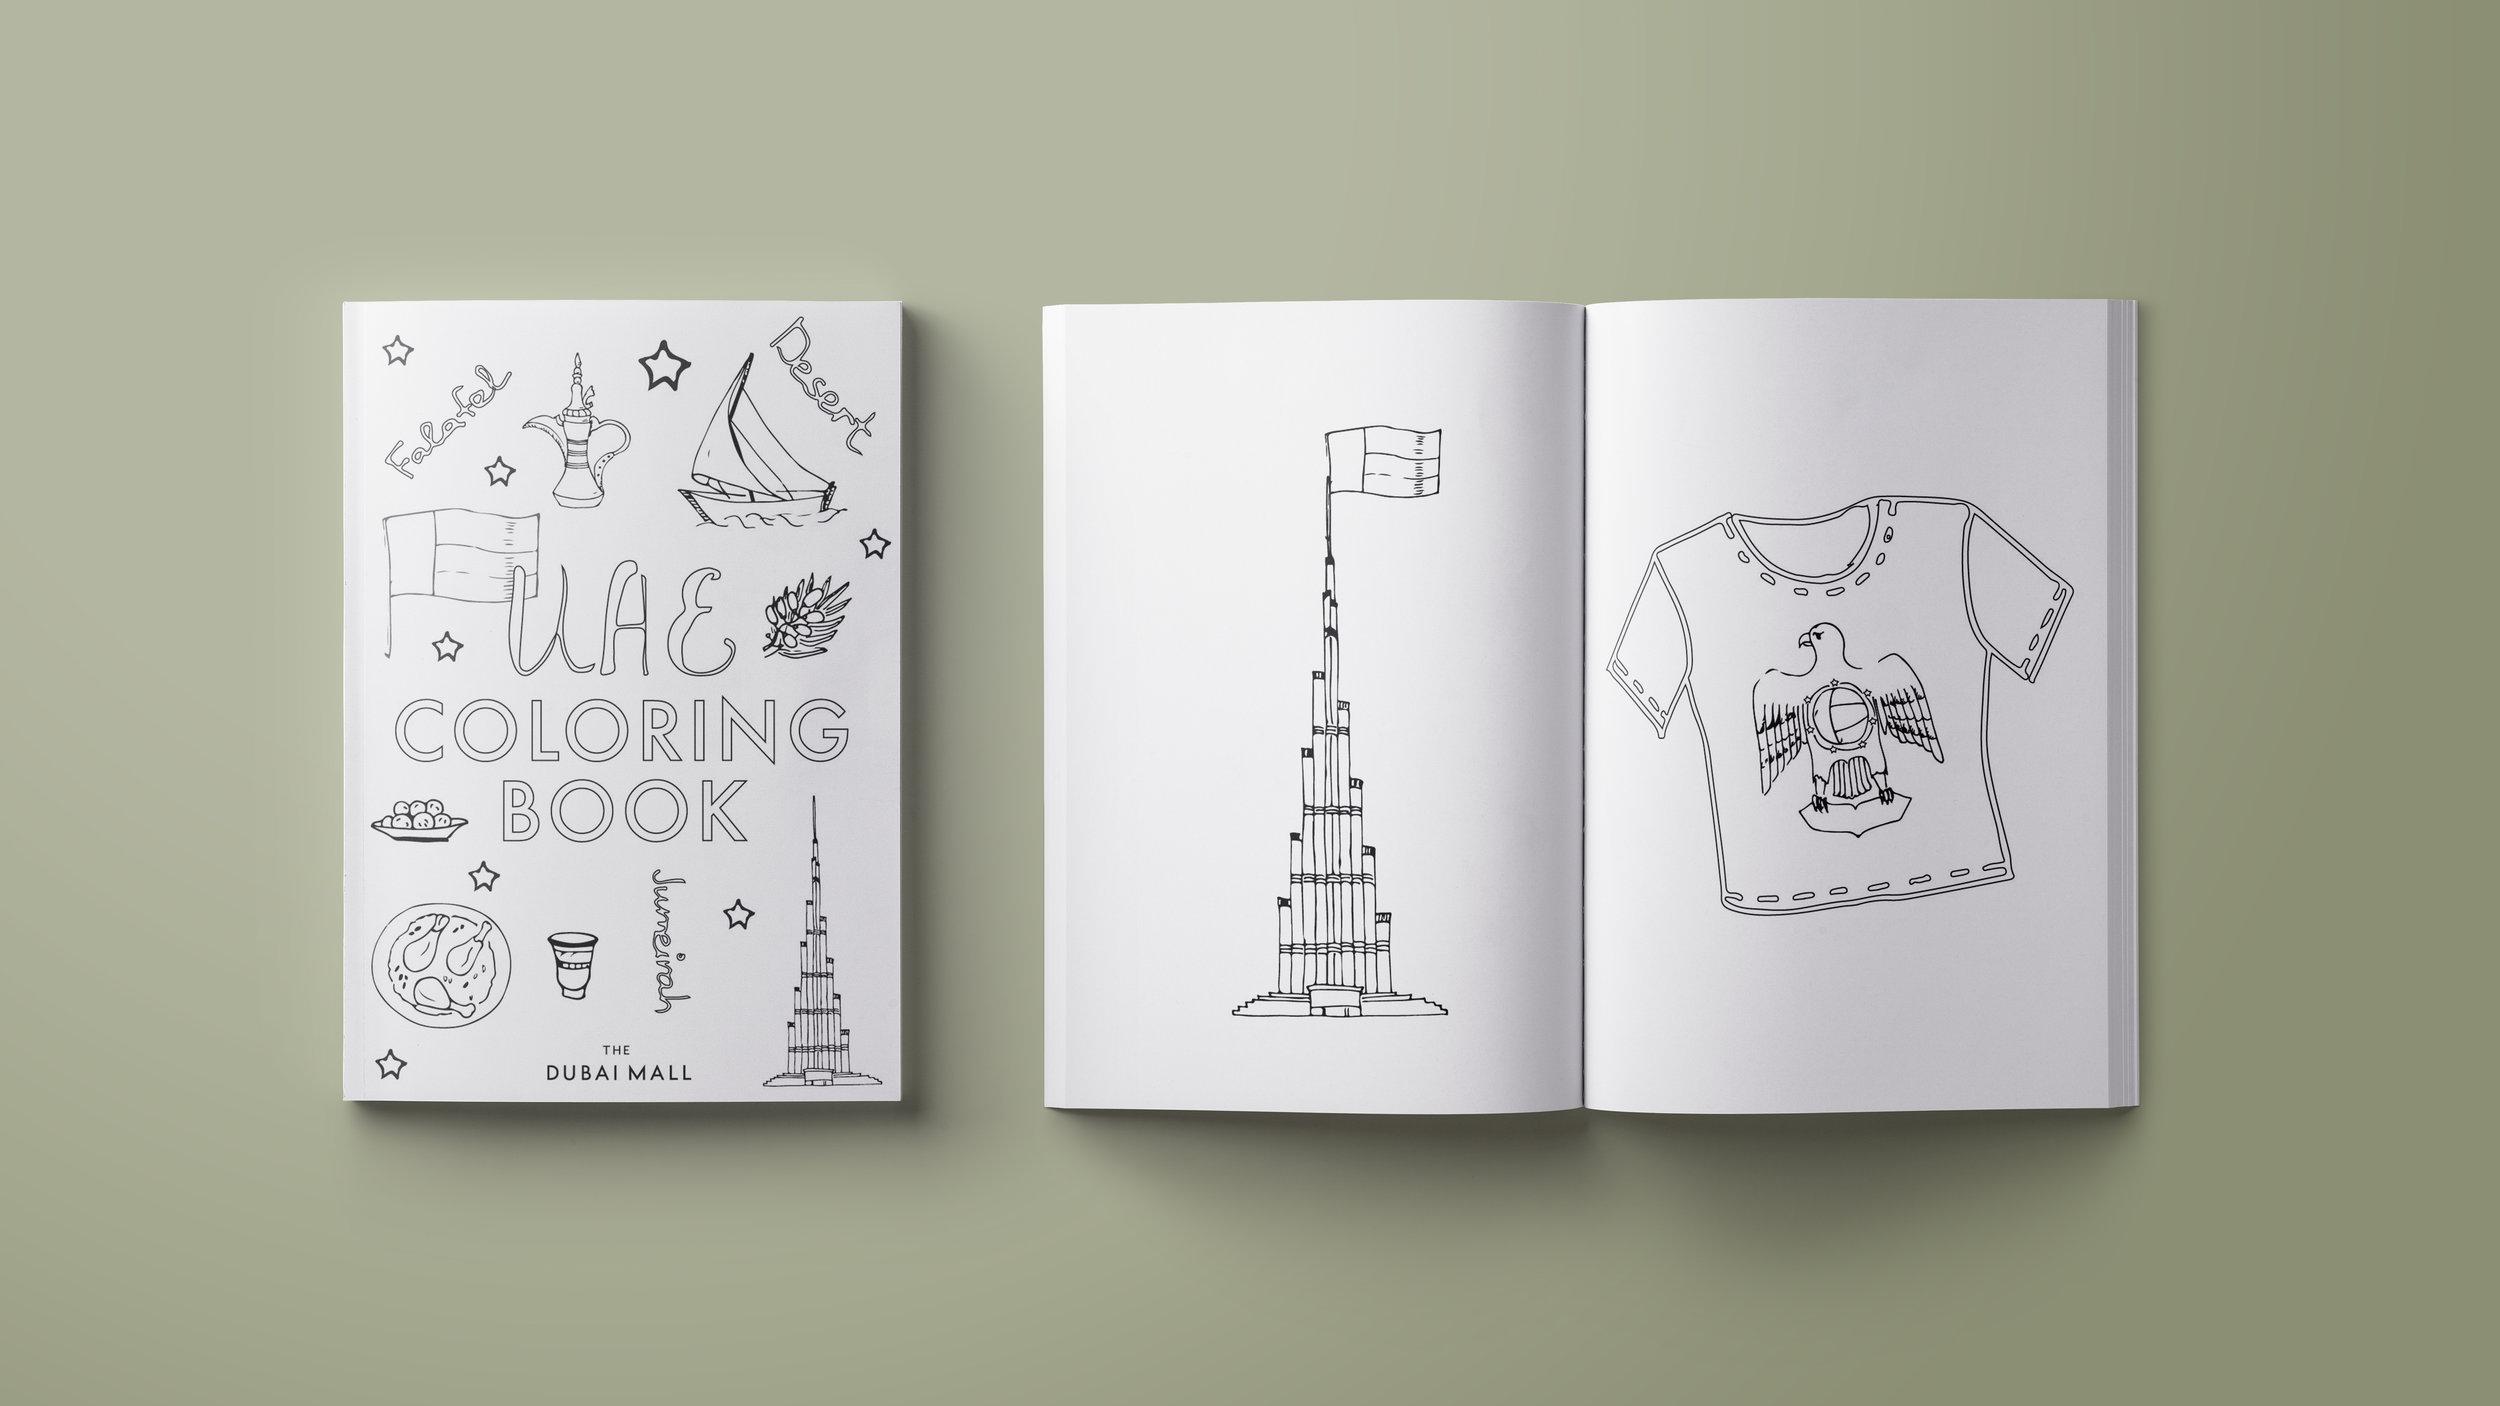 Eid_ColoringBook.jpg